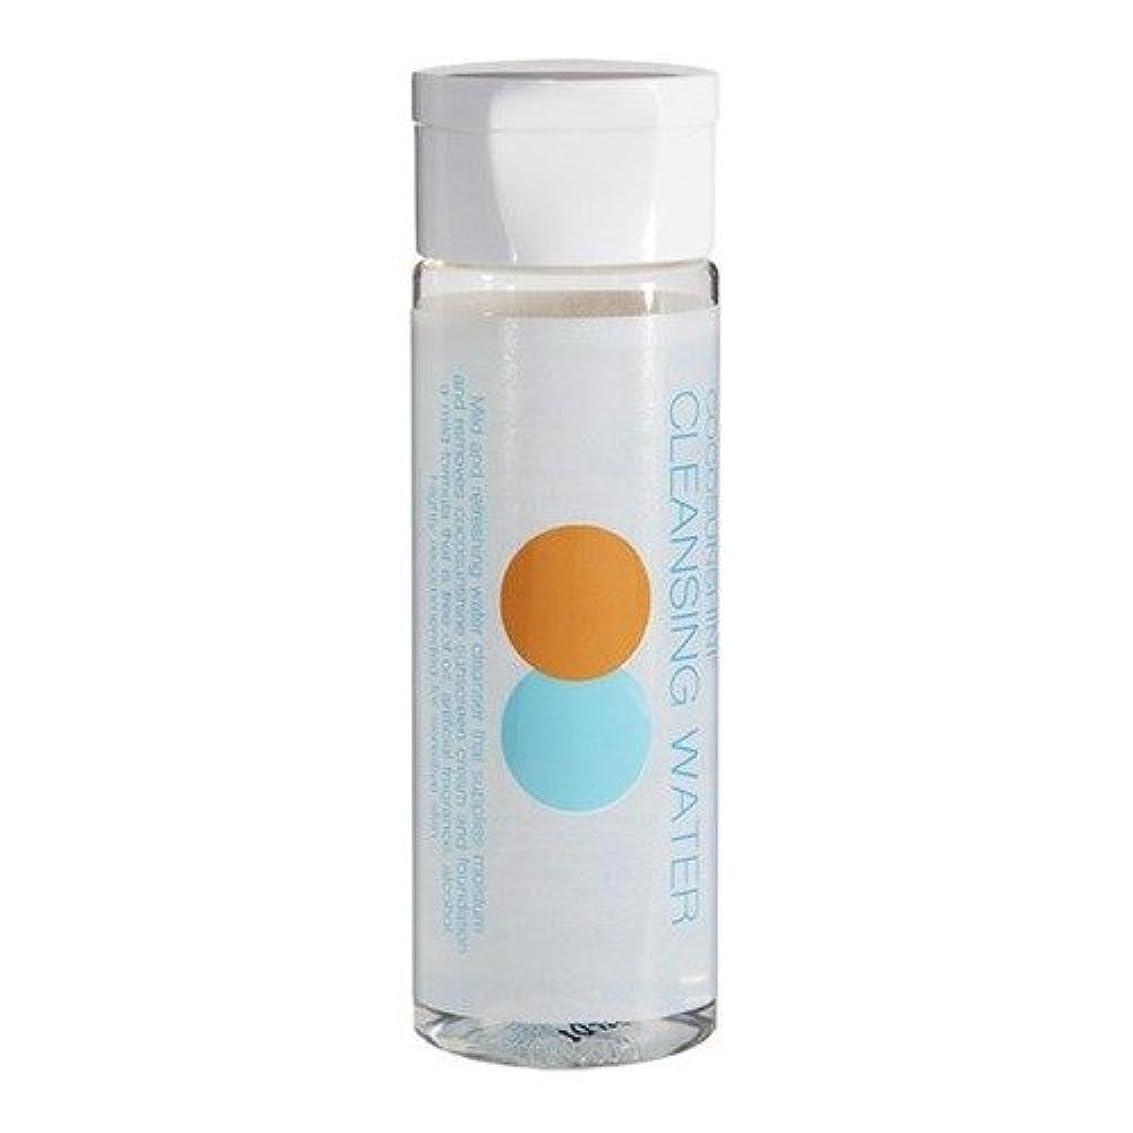 バスケットボール温度計結晶Snipe ココサンシャイン クレンジングウォーター 化粧水ベースの日焼け止め用クレンジング 120ml